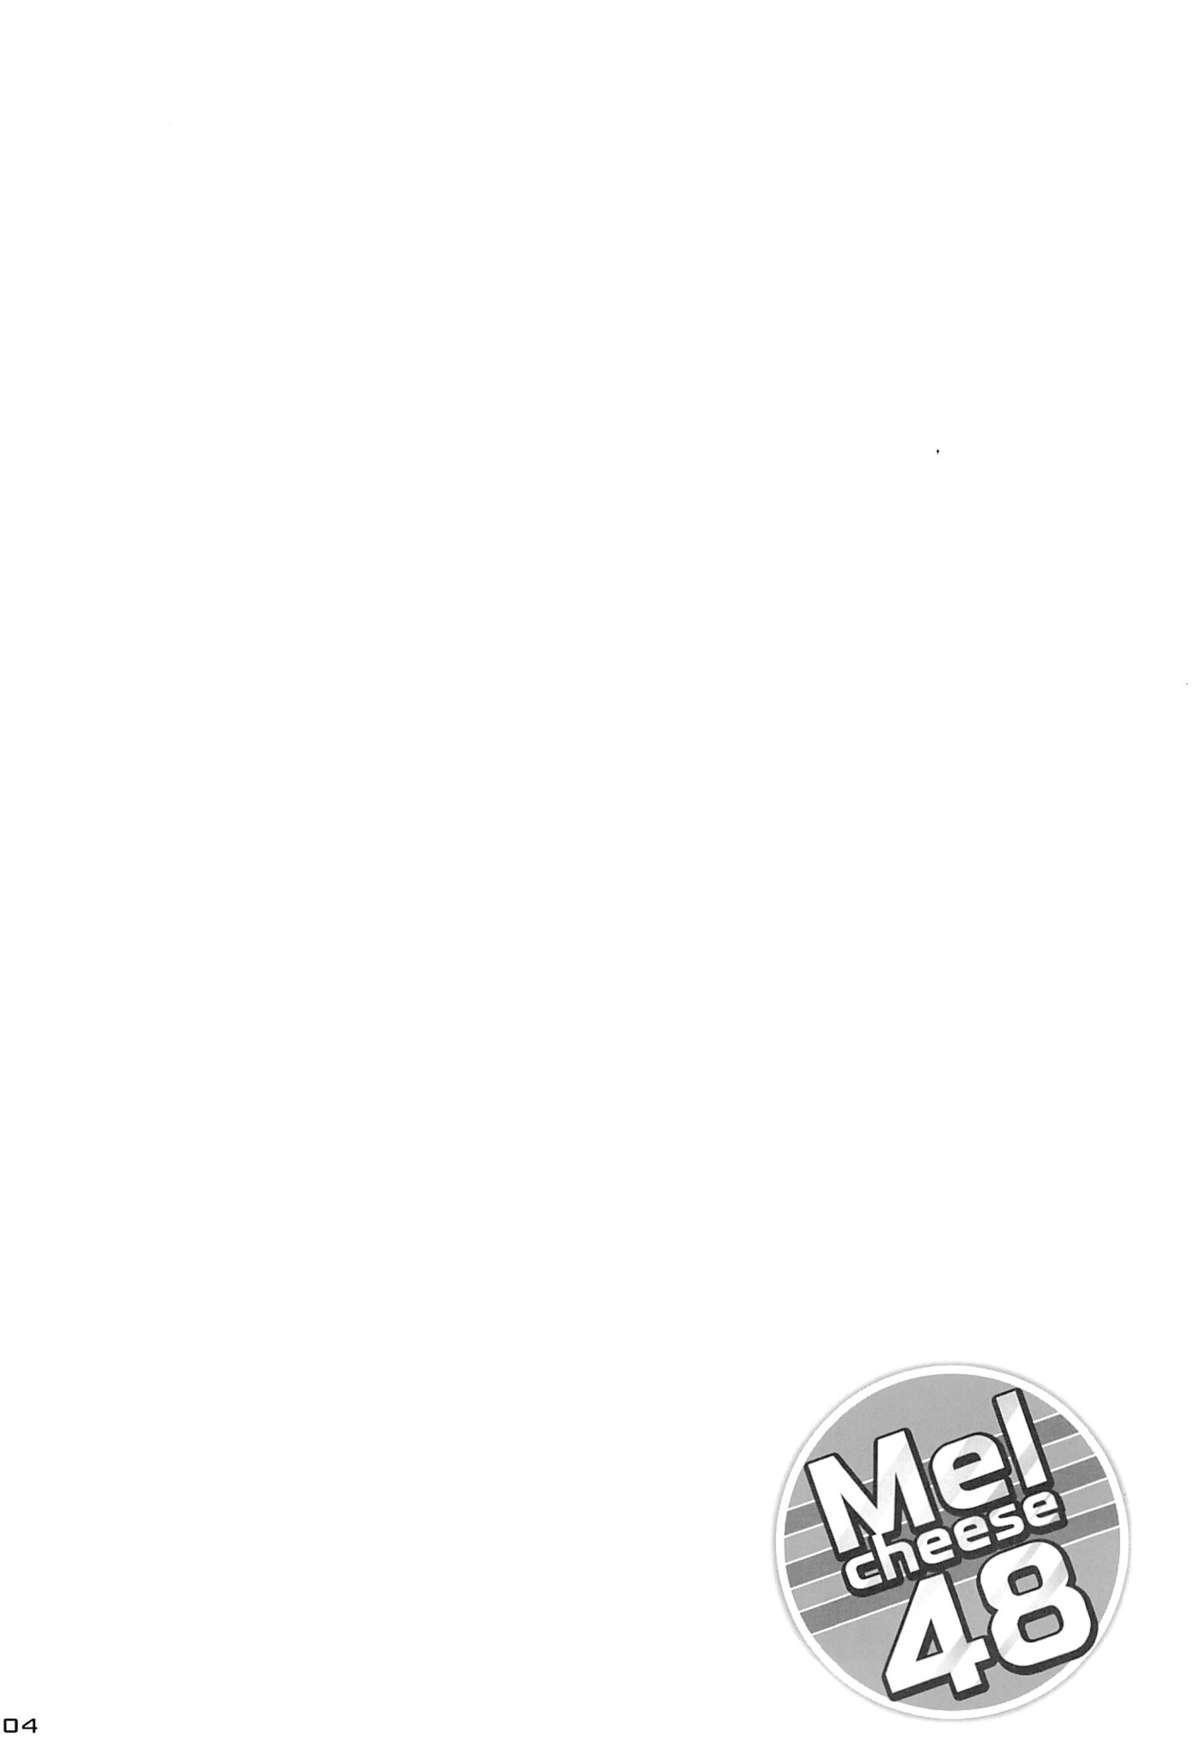 Melcheese 48 2